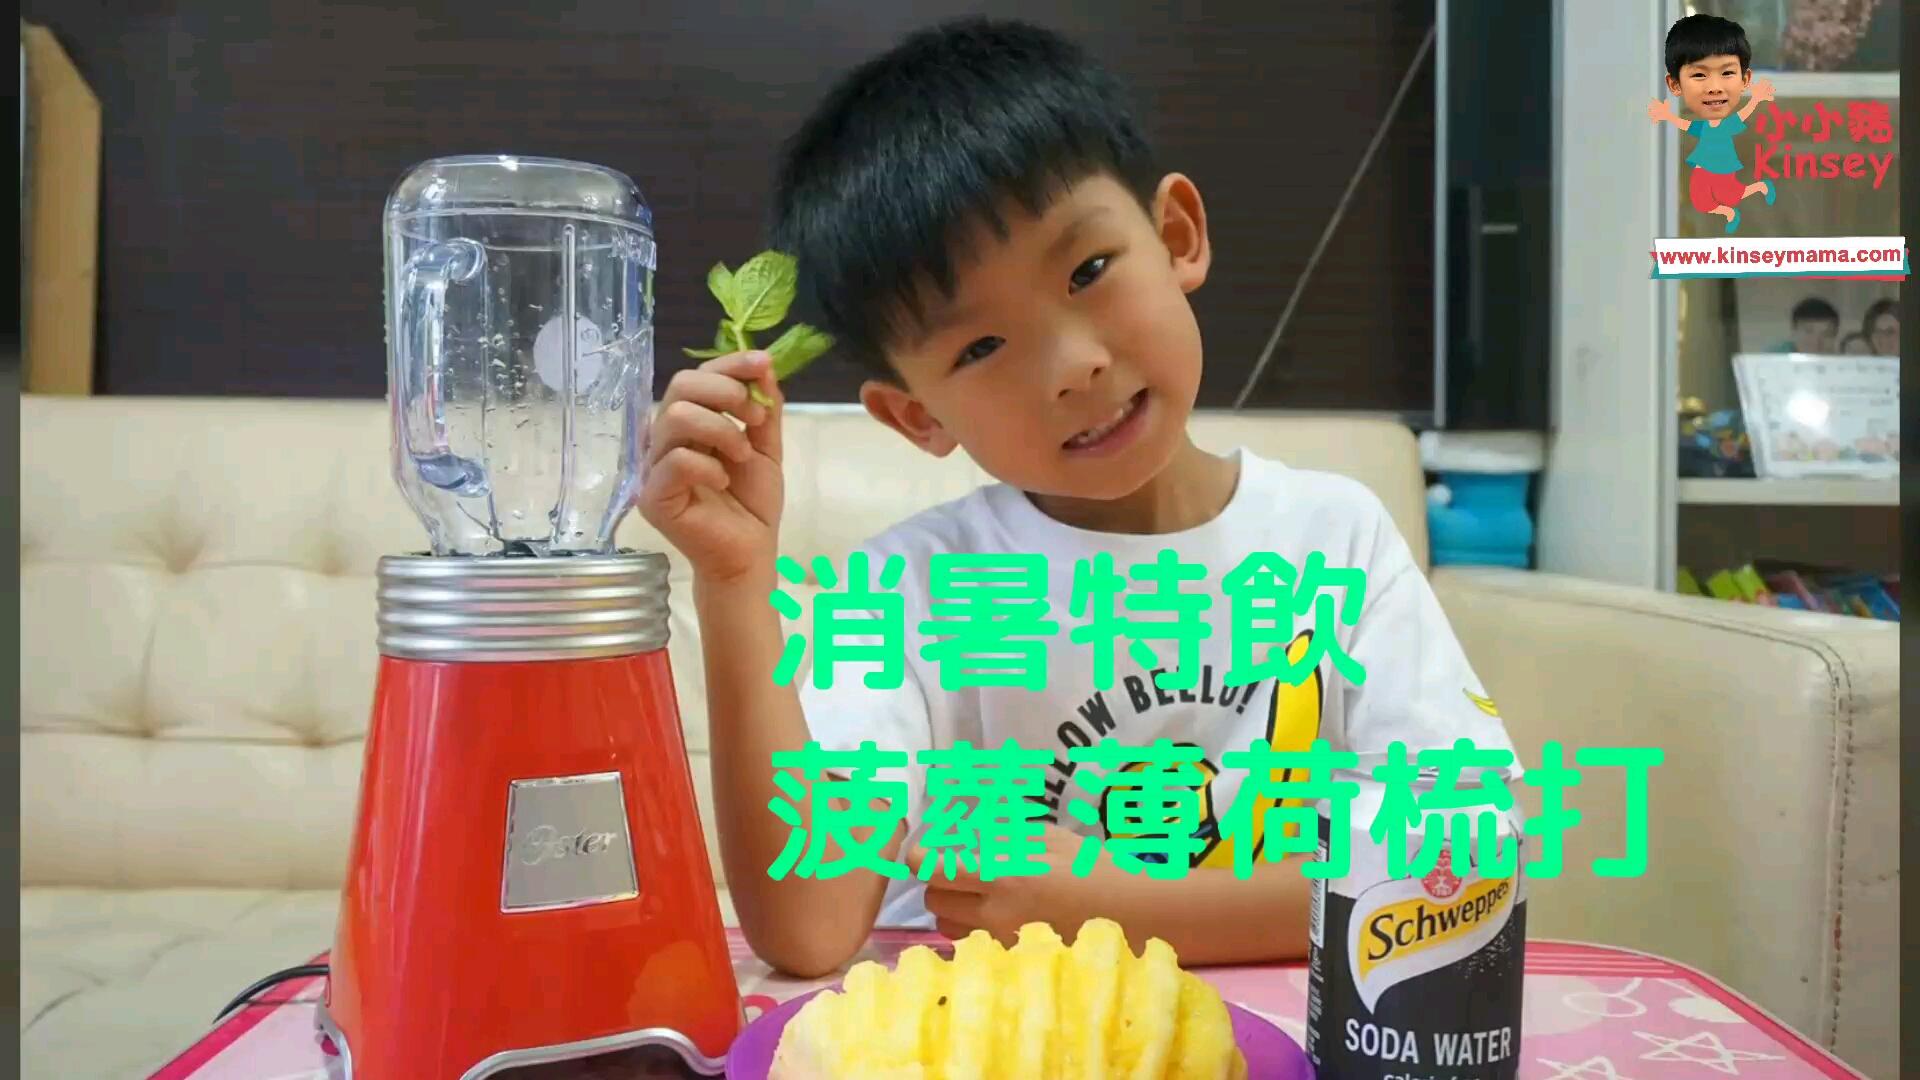 小小豬煮食篇 - 菠蘿薄荷梳打